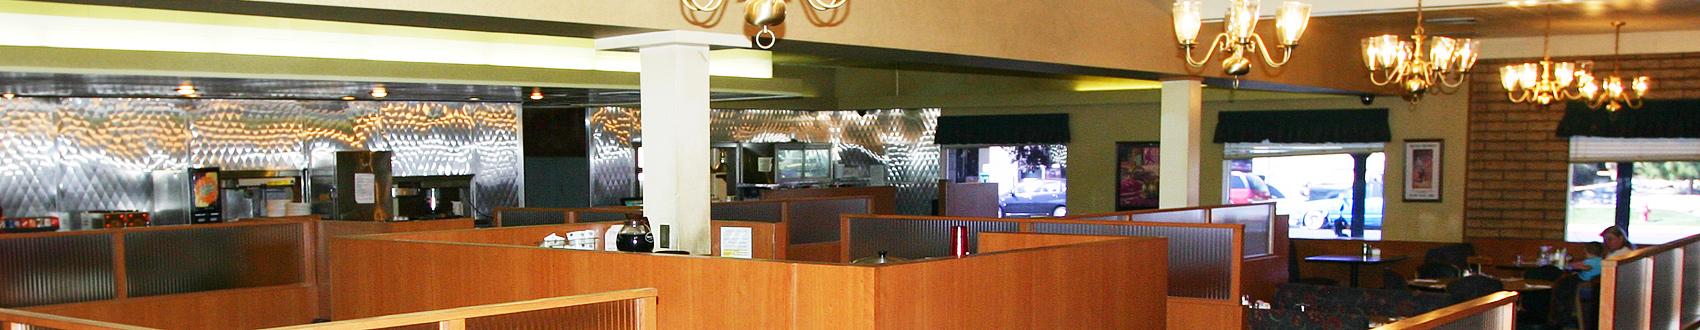 goldnsilver-diningroom2